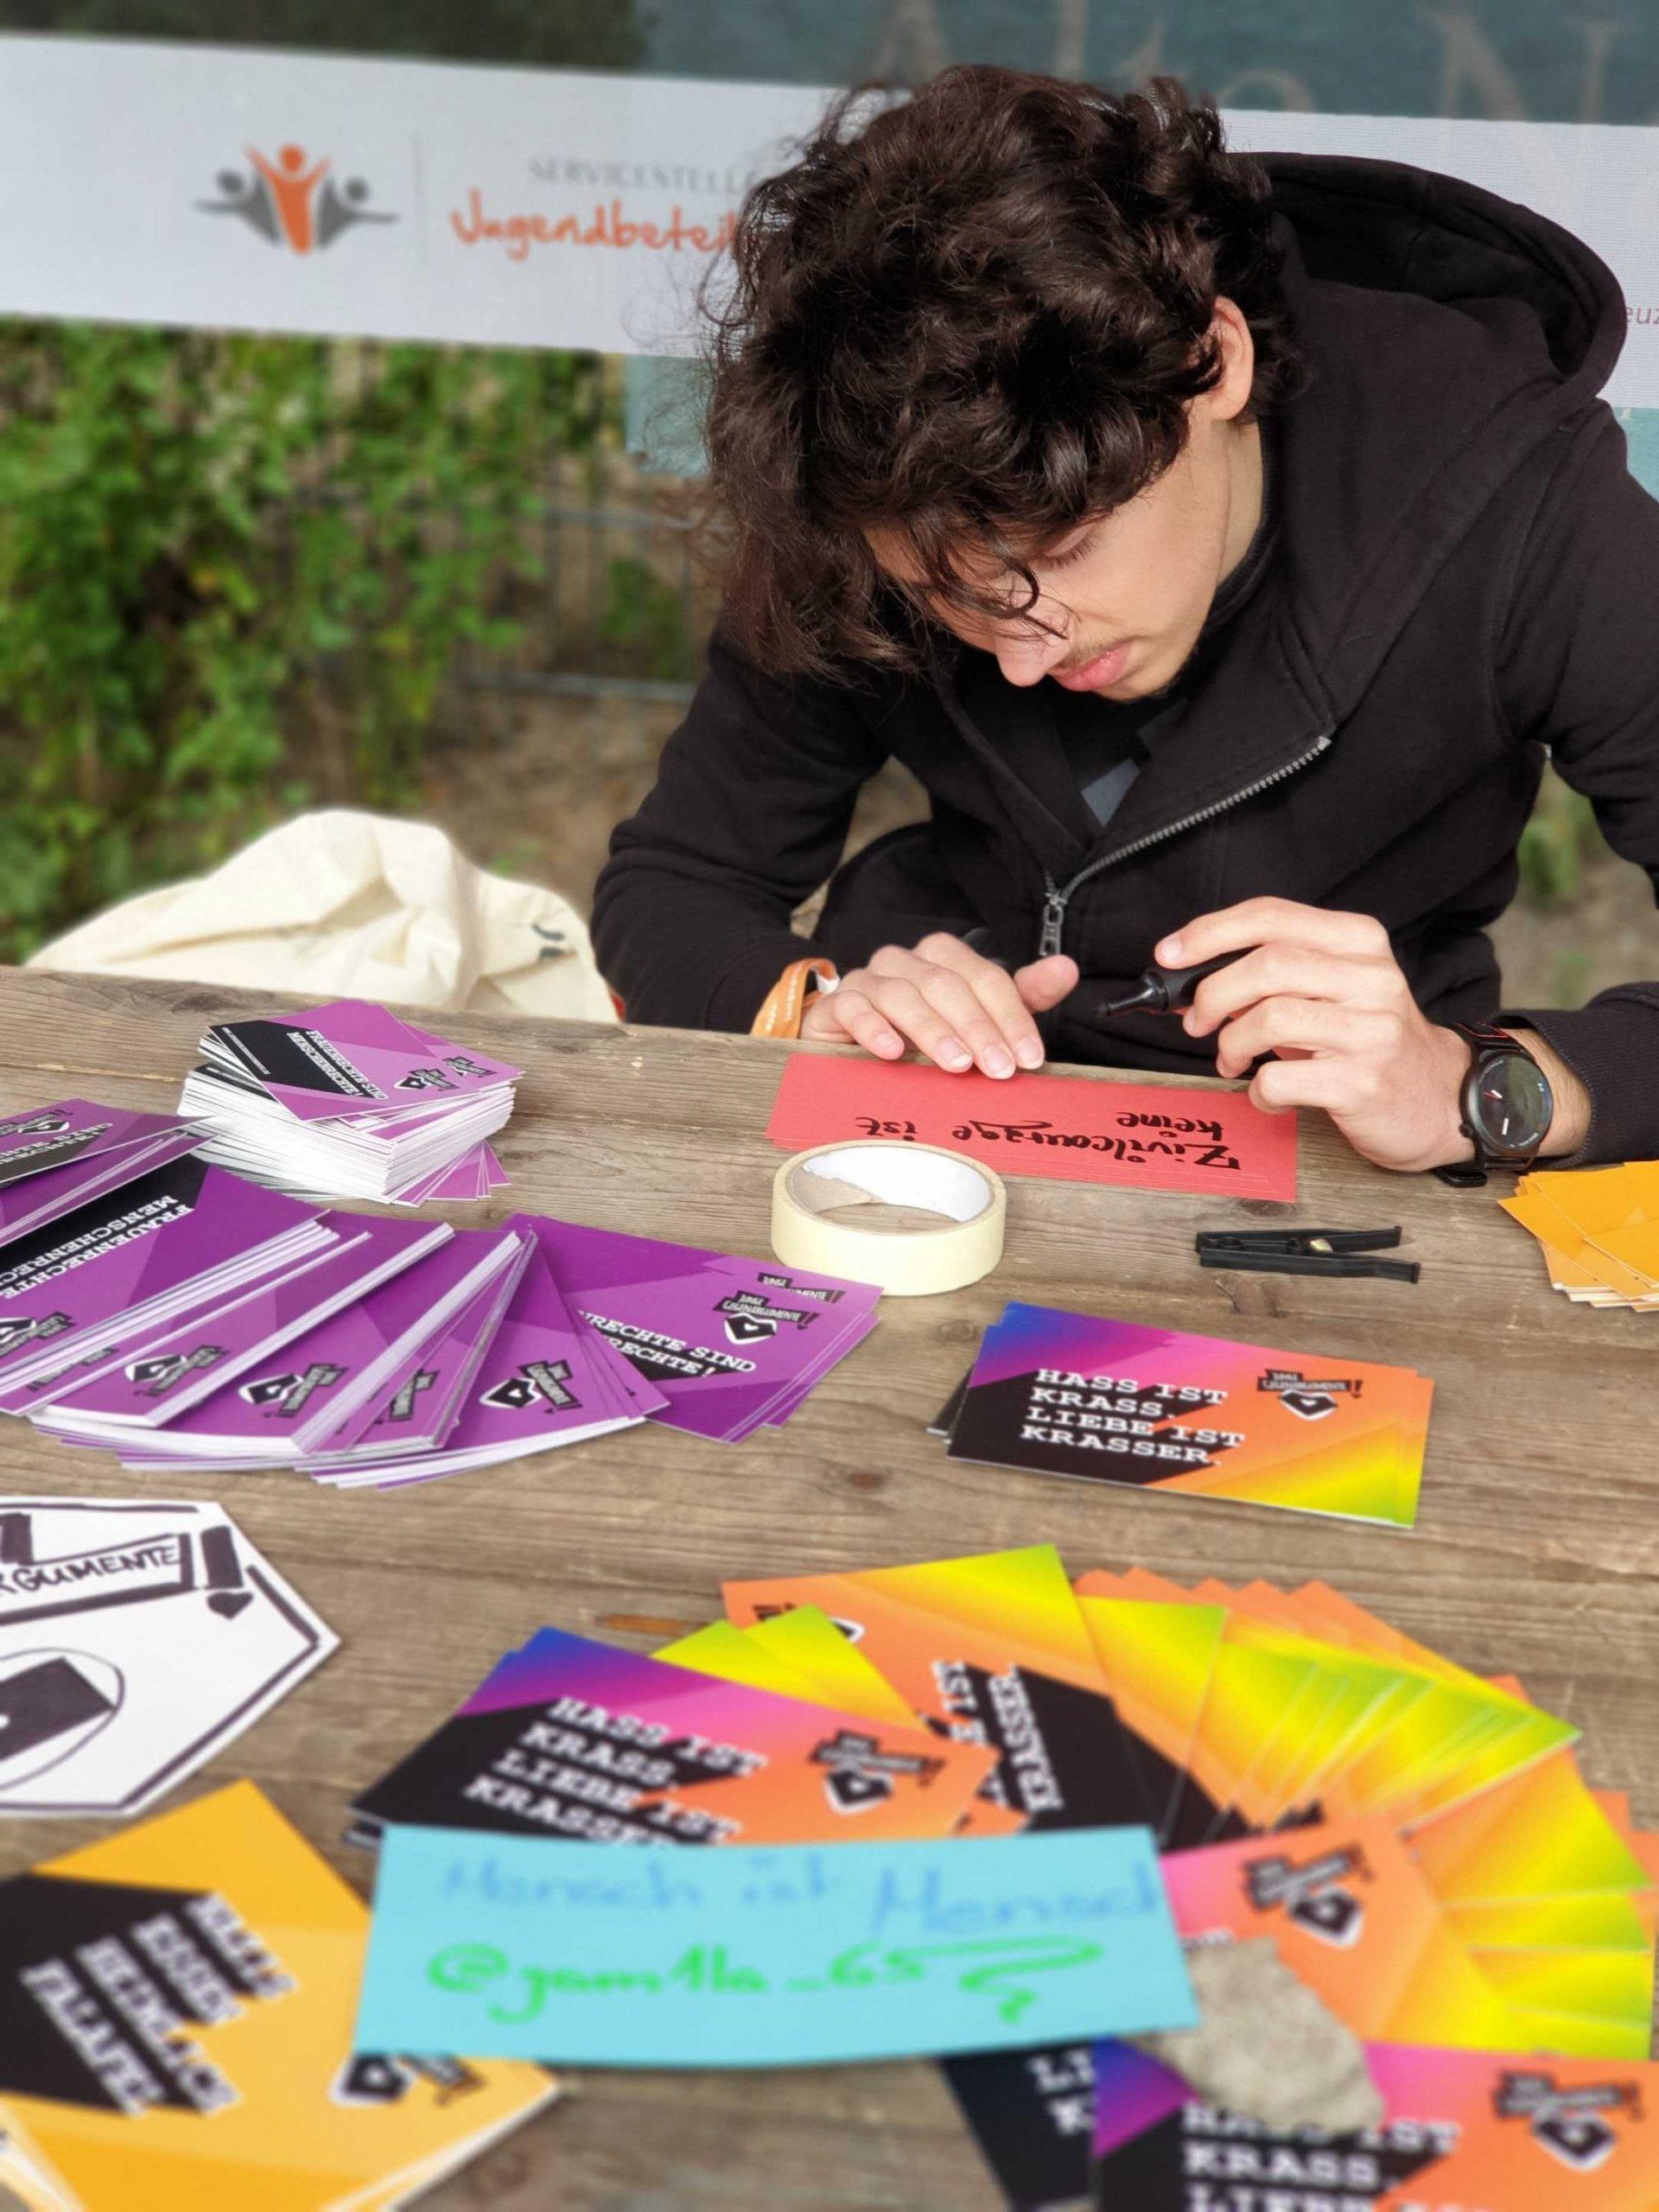 Eine Person sitzt an einem Tisch und schreibt auf eine Karte. Auf dem Tisch liegen viele Flyer und Postkarten. Auf dem Bild sieht man zwei Personen, die an einem Tisch sitzen und etwas aufschreiben. .© Servicestelle Jugendbeteiligung e.V., 2019